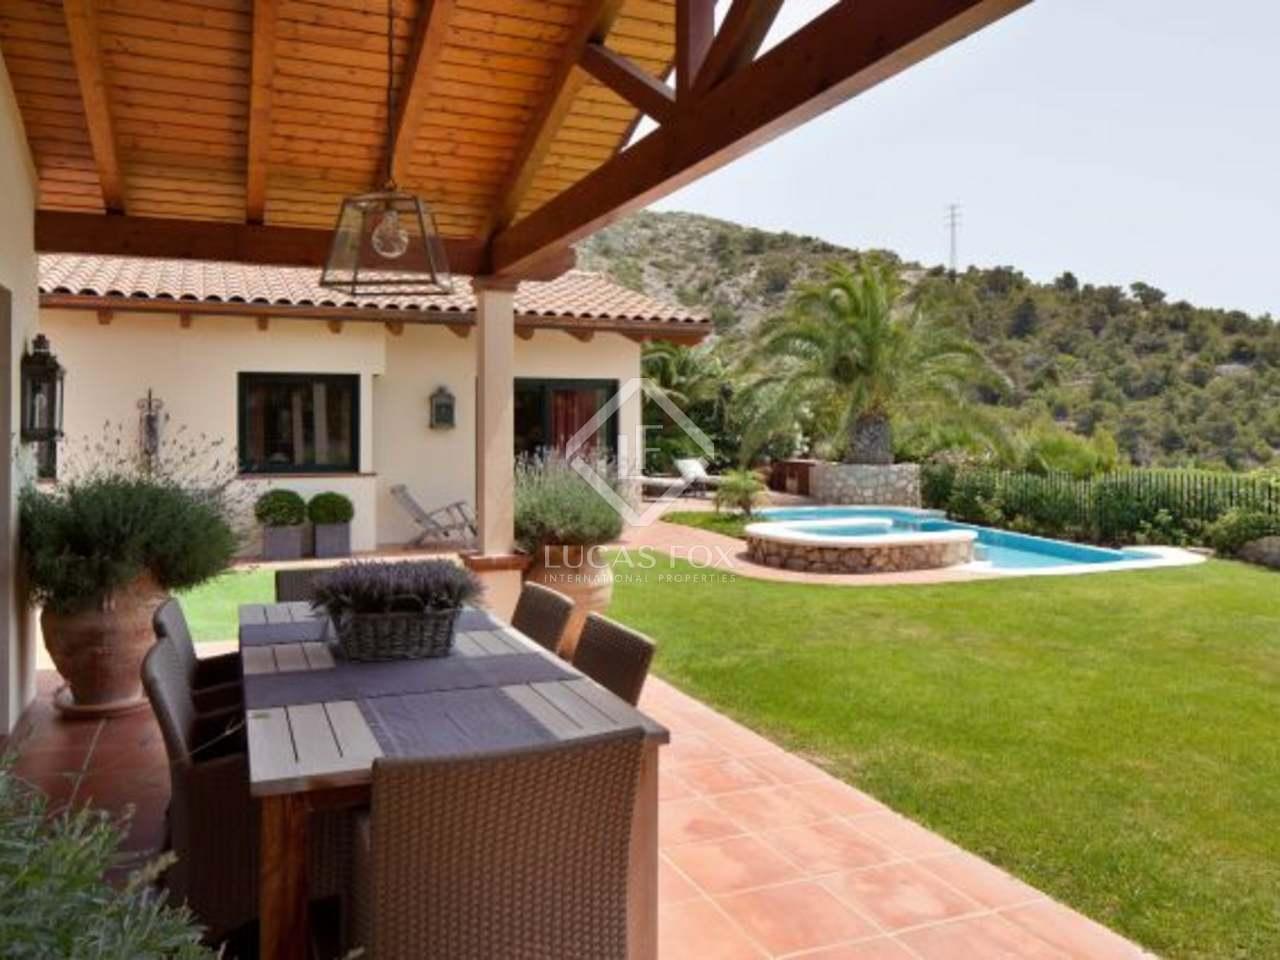 Casa de 5 dormitorios en venta en sitges con piscina Villa jardin donde queda